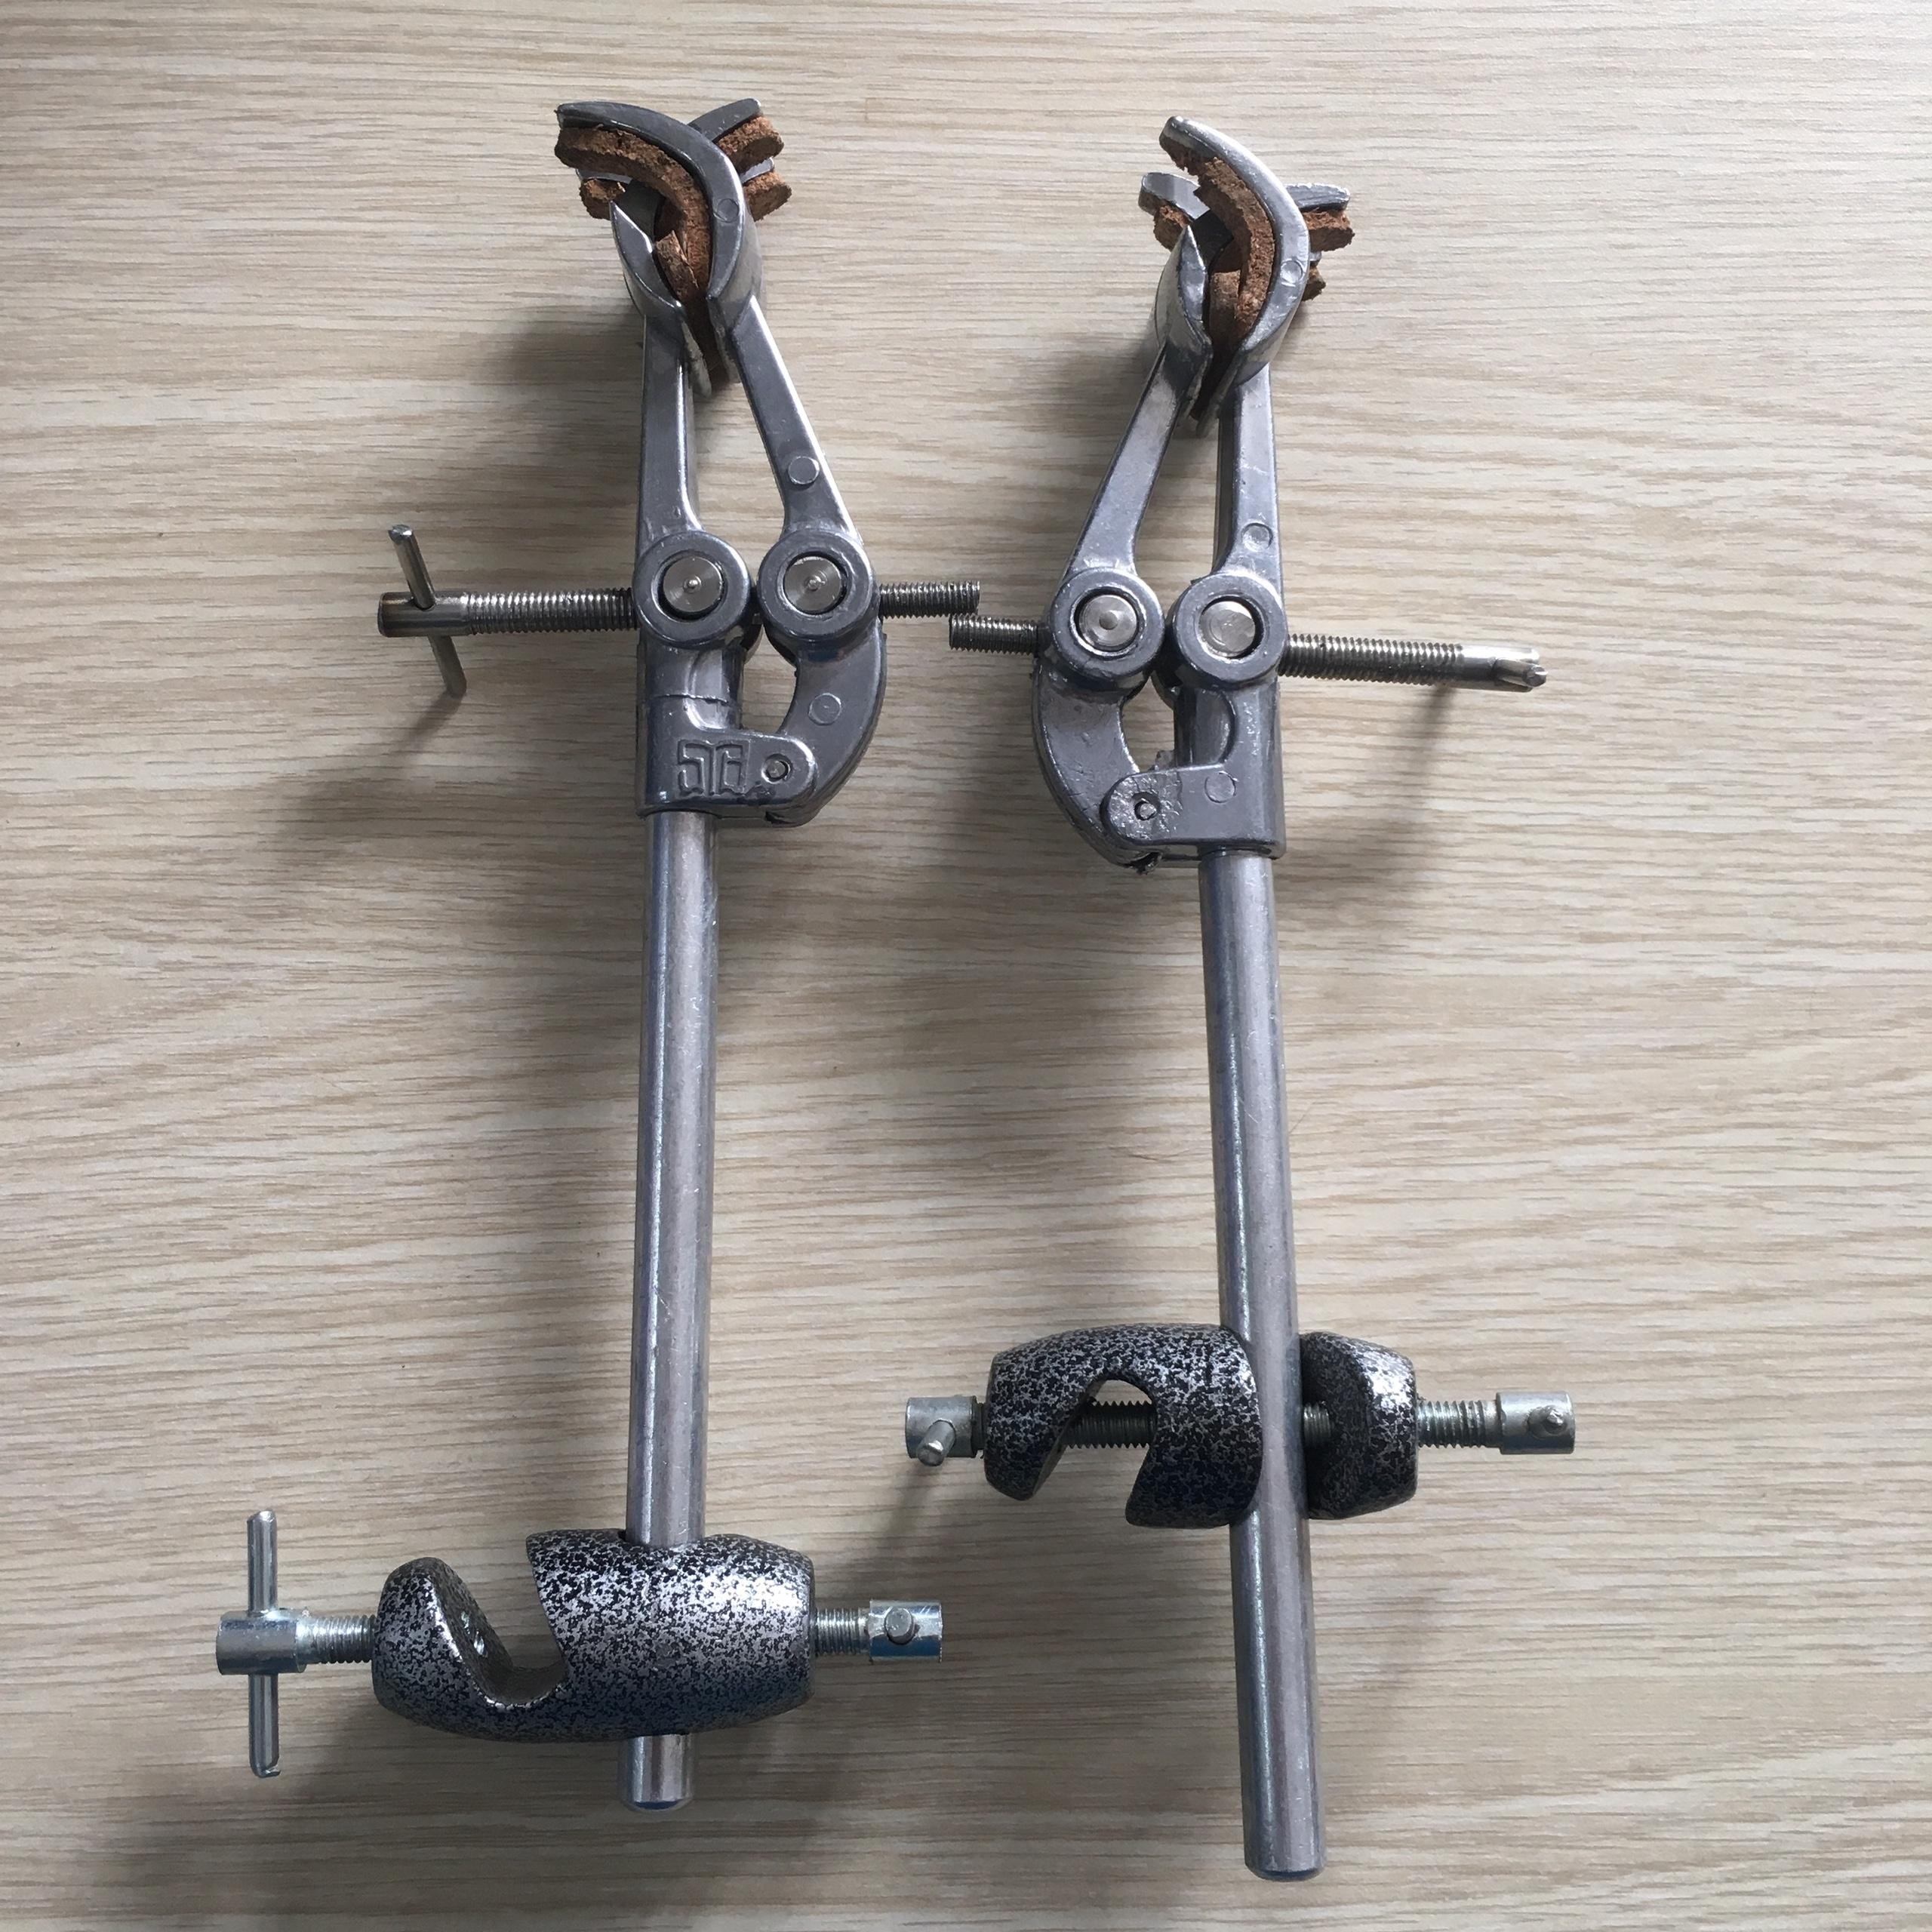 Kẹp bình cầu cho bộ giá đỡ phòng thí nghiệm loại lớn  TGCN-41620 Vietnam